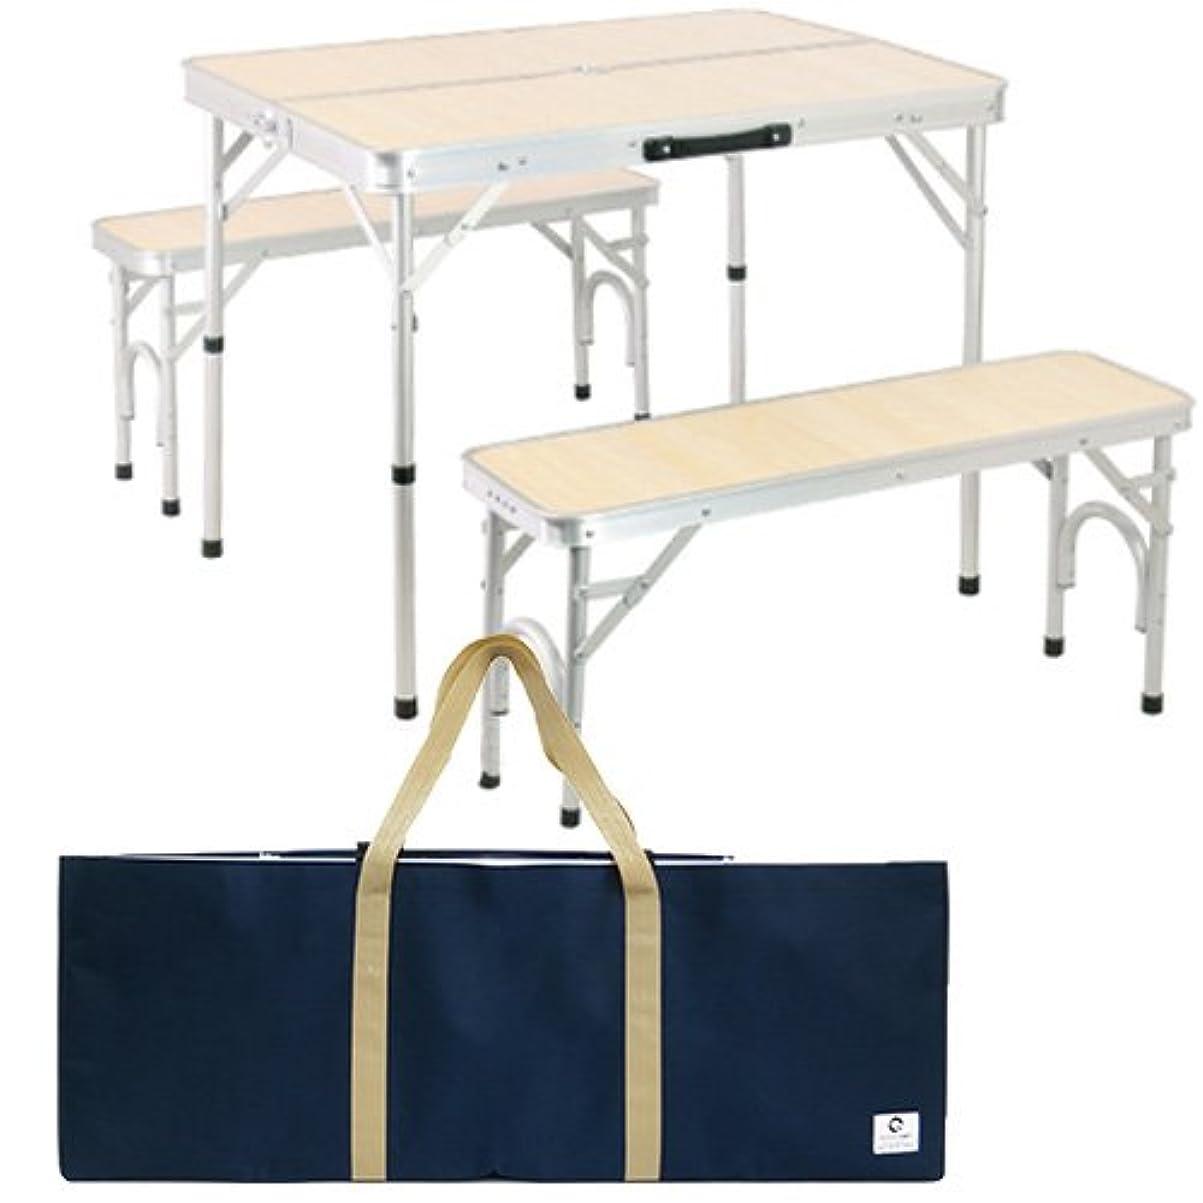 寄付する高く上がるアウトドア テーブル 折りたたみ アルミ ピクニック テーブル 収納袋 チェア 付き ALPT-90